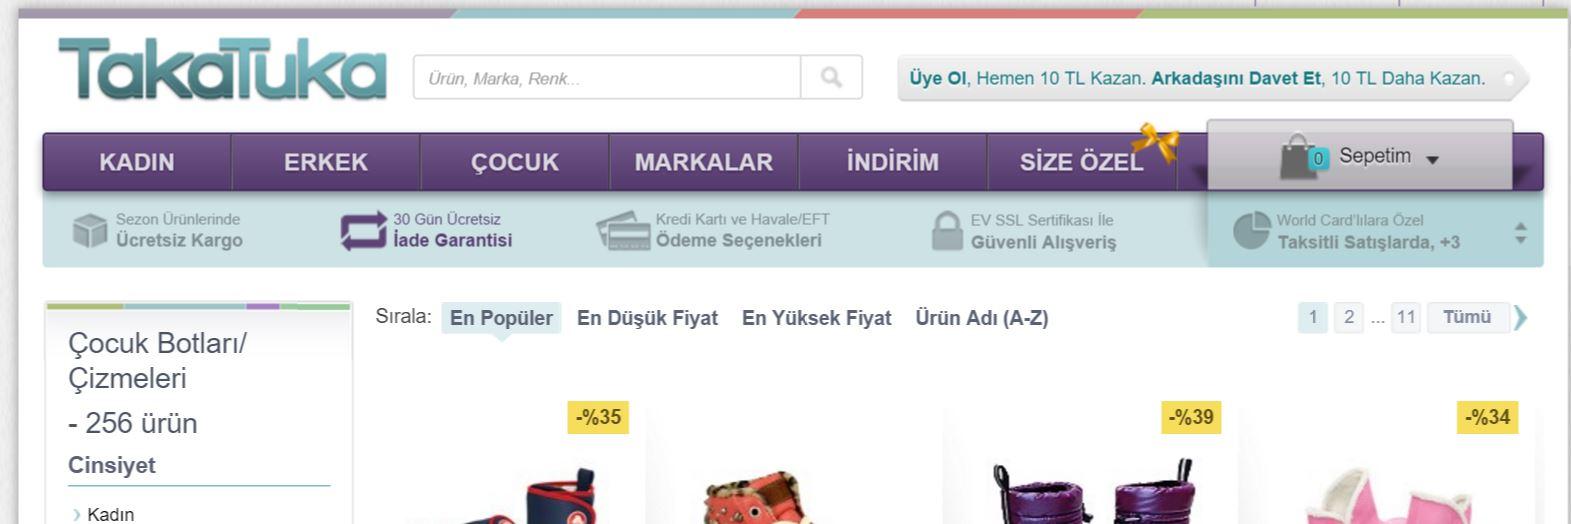 kategori sayfası müşteri bilgilendirme alanı